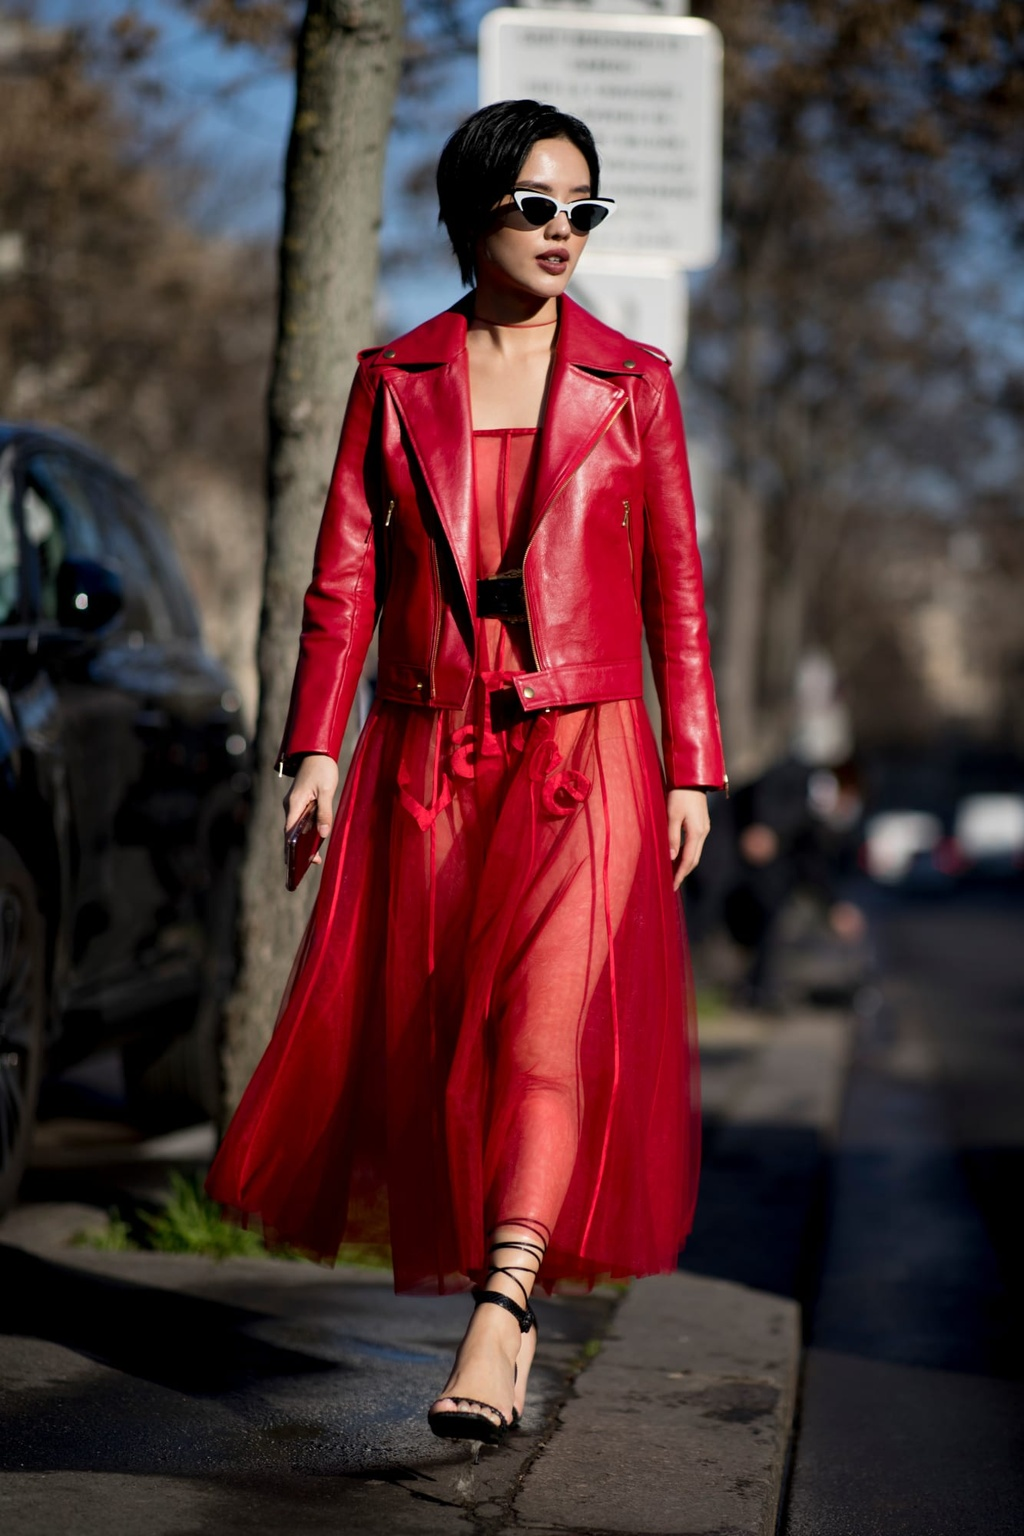 Fashionista Viet anh 2